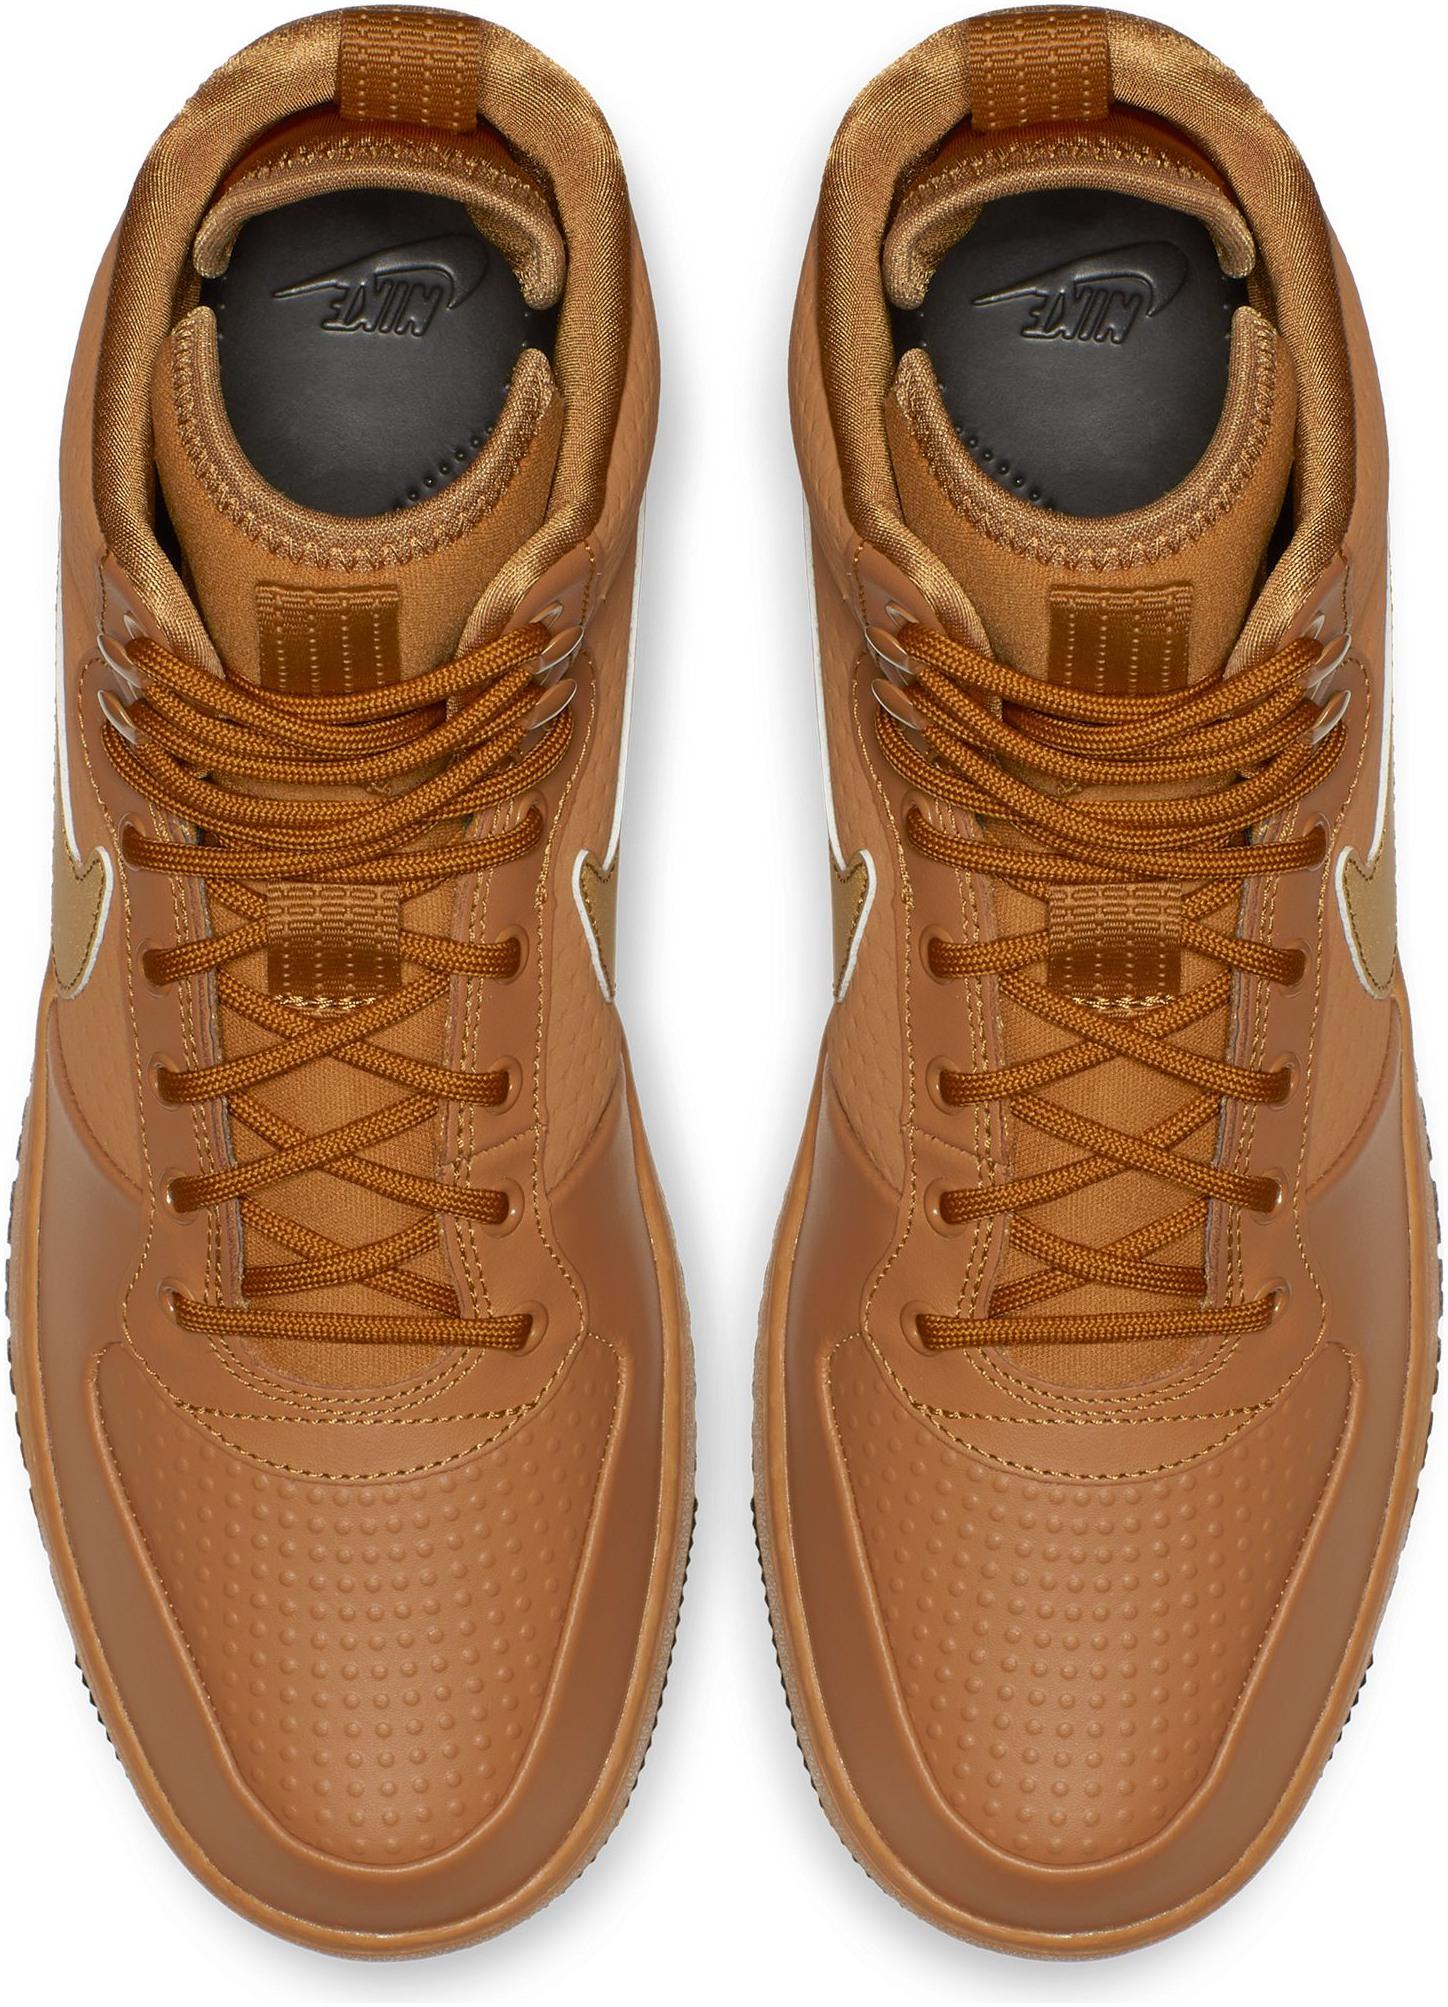 35dbea42c Pánske zimné topánky Nike EBERNON MID WINTER hnedé | Snipit.sk